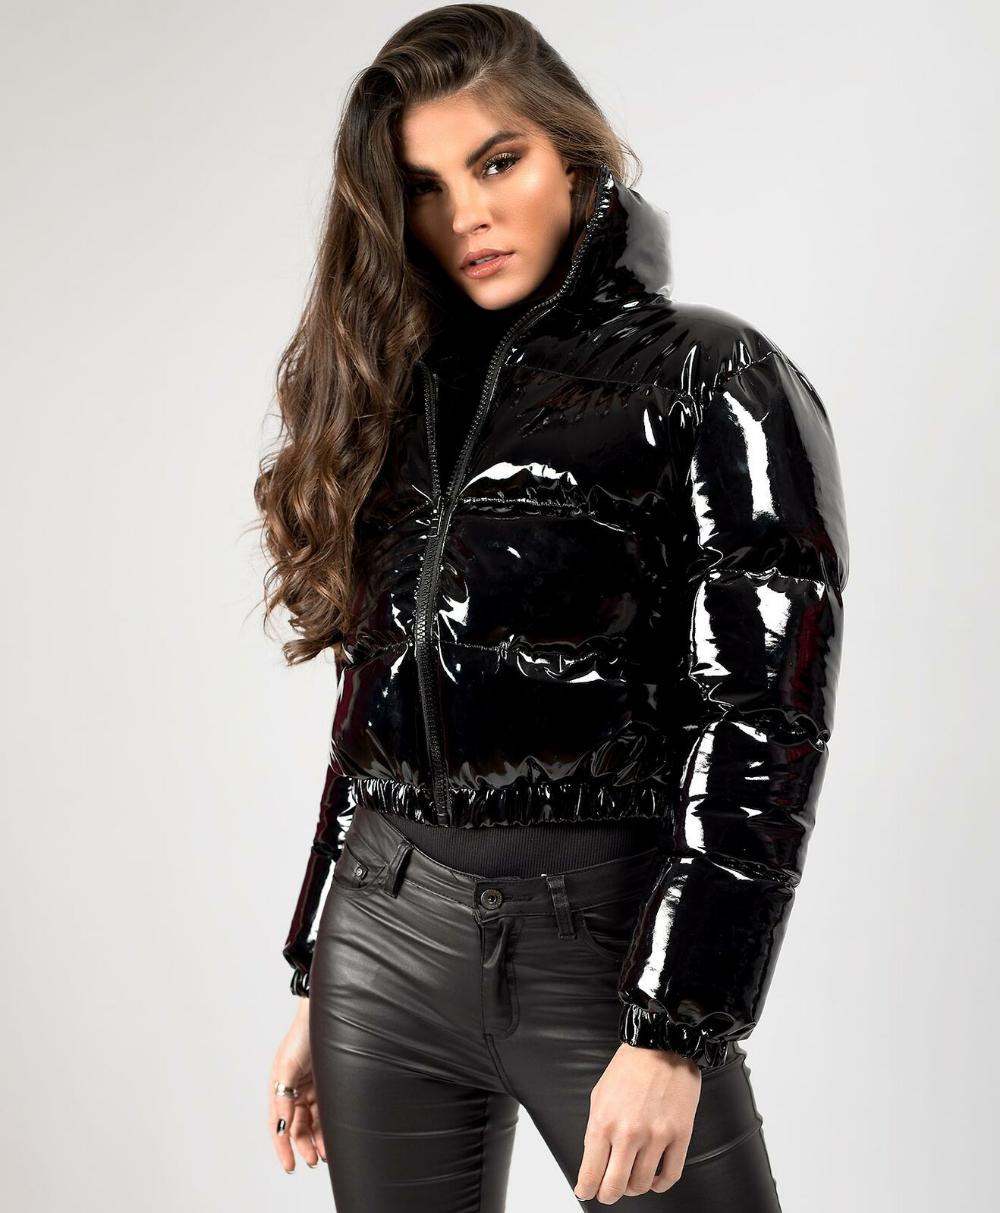 Women Shiny Wet Look Vinyl Thick Puffer Padded Quilted Cropped Short Jacket Coat Ebay Shiny Jacket Vinyl Clothing Short Jacket [ 1213 x 1000 Pixel ]